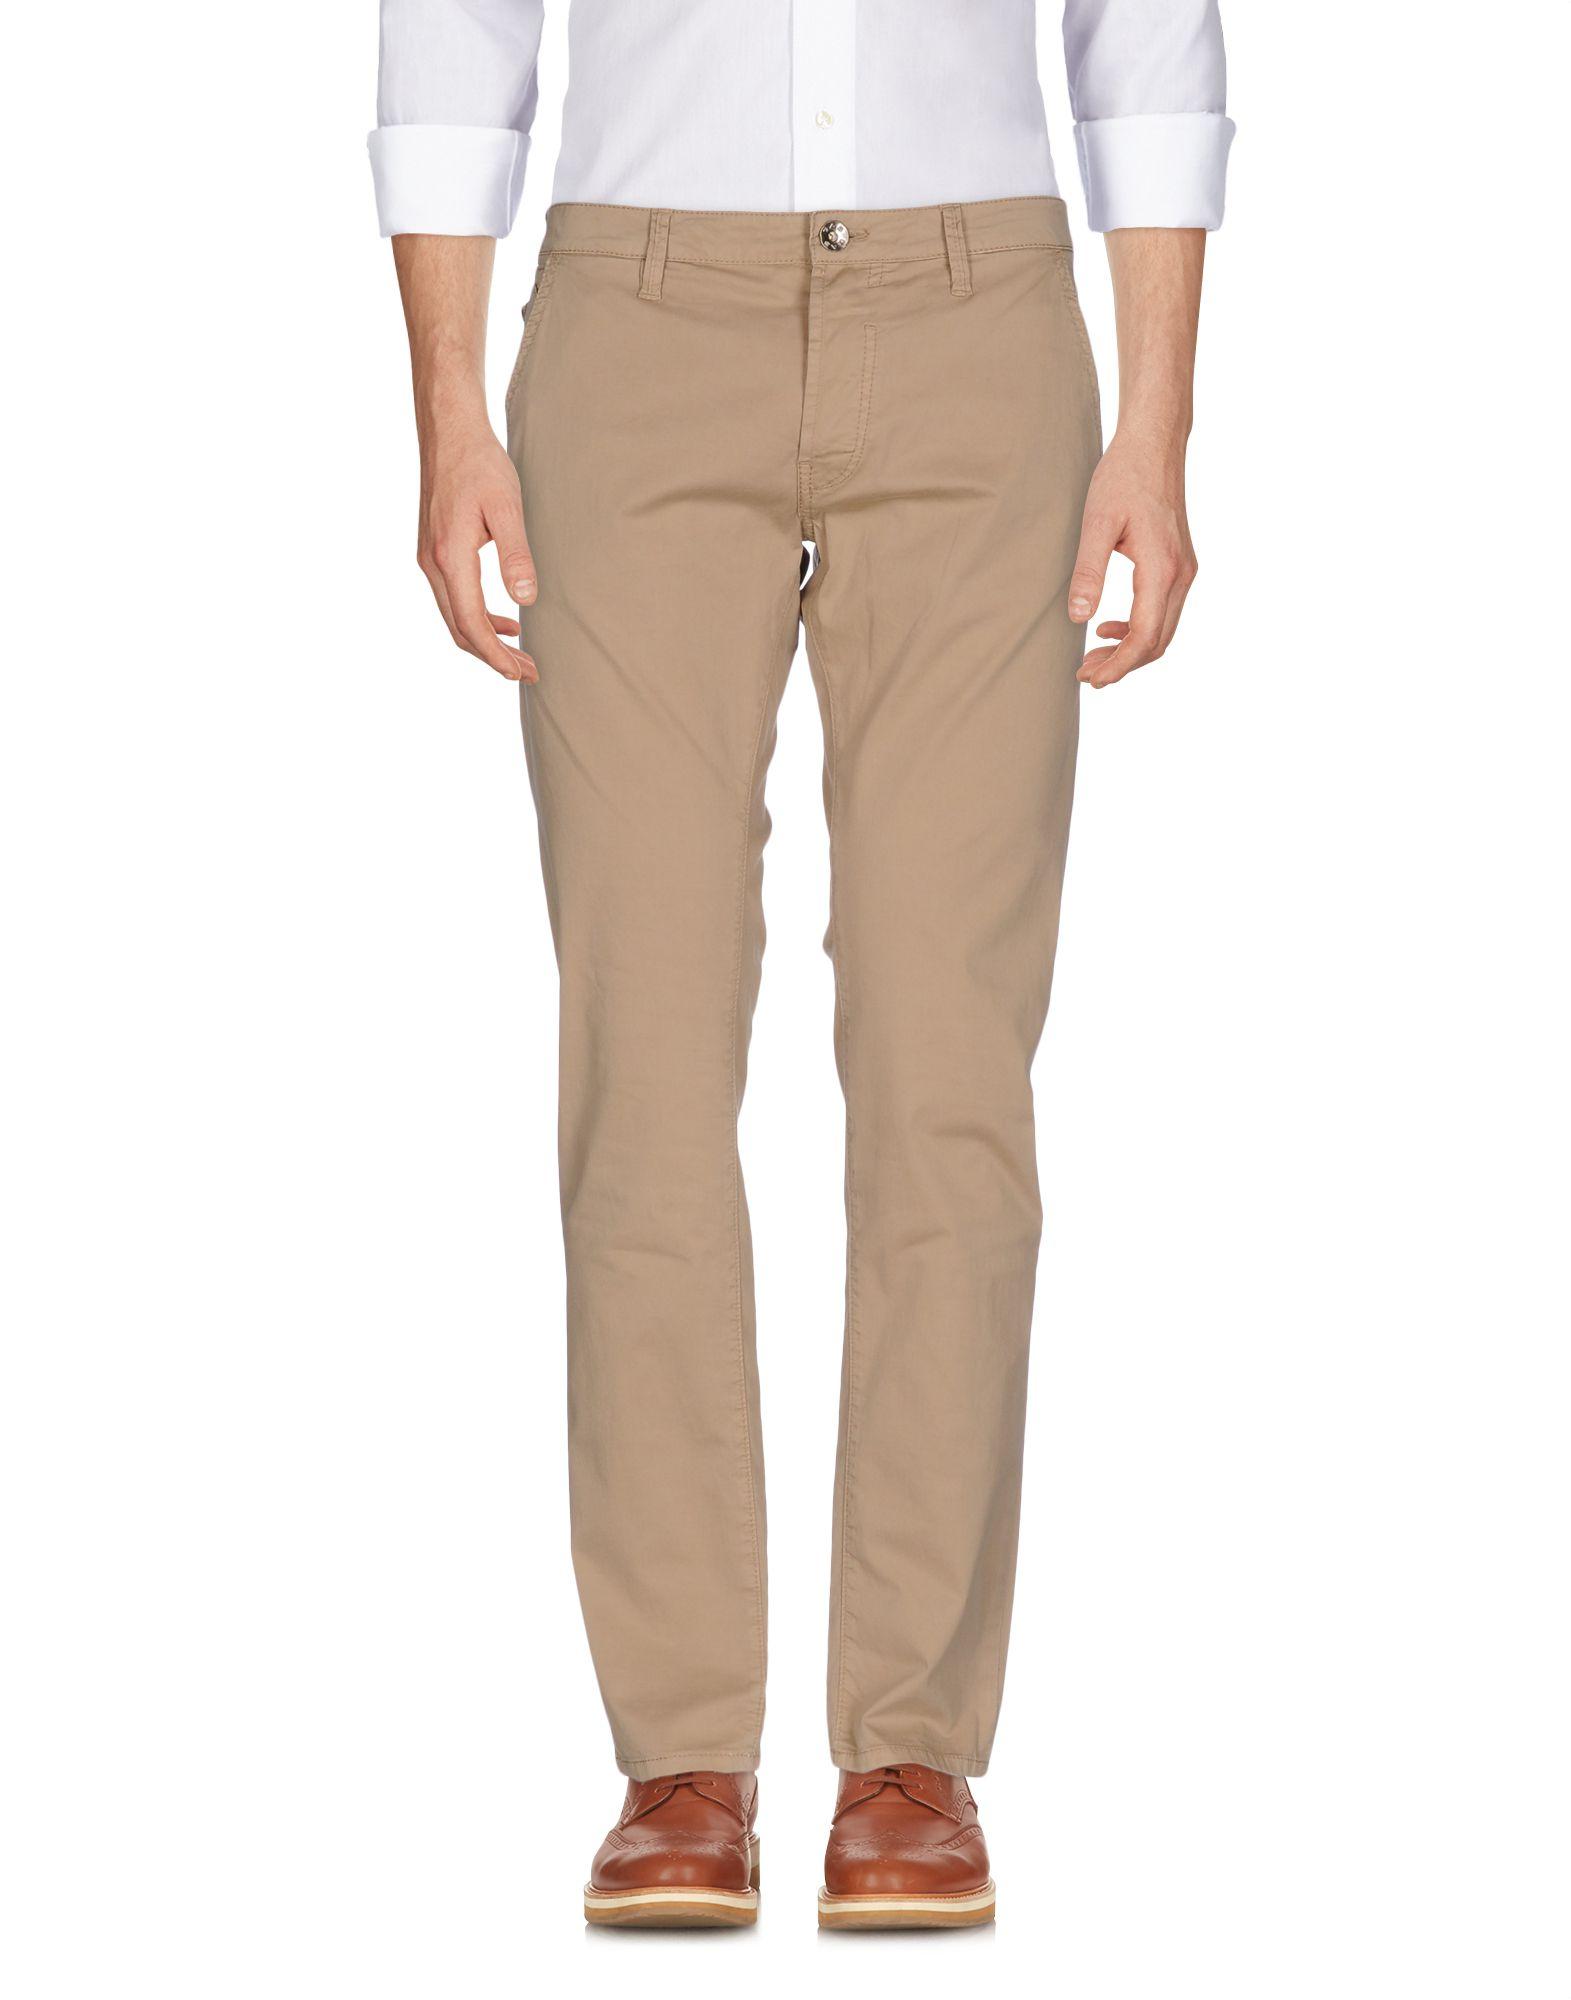 GAS Повседневные брюки брюки для беременных topshop 4 22